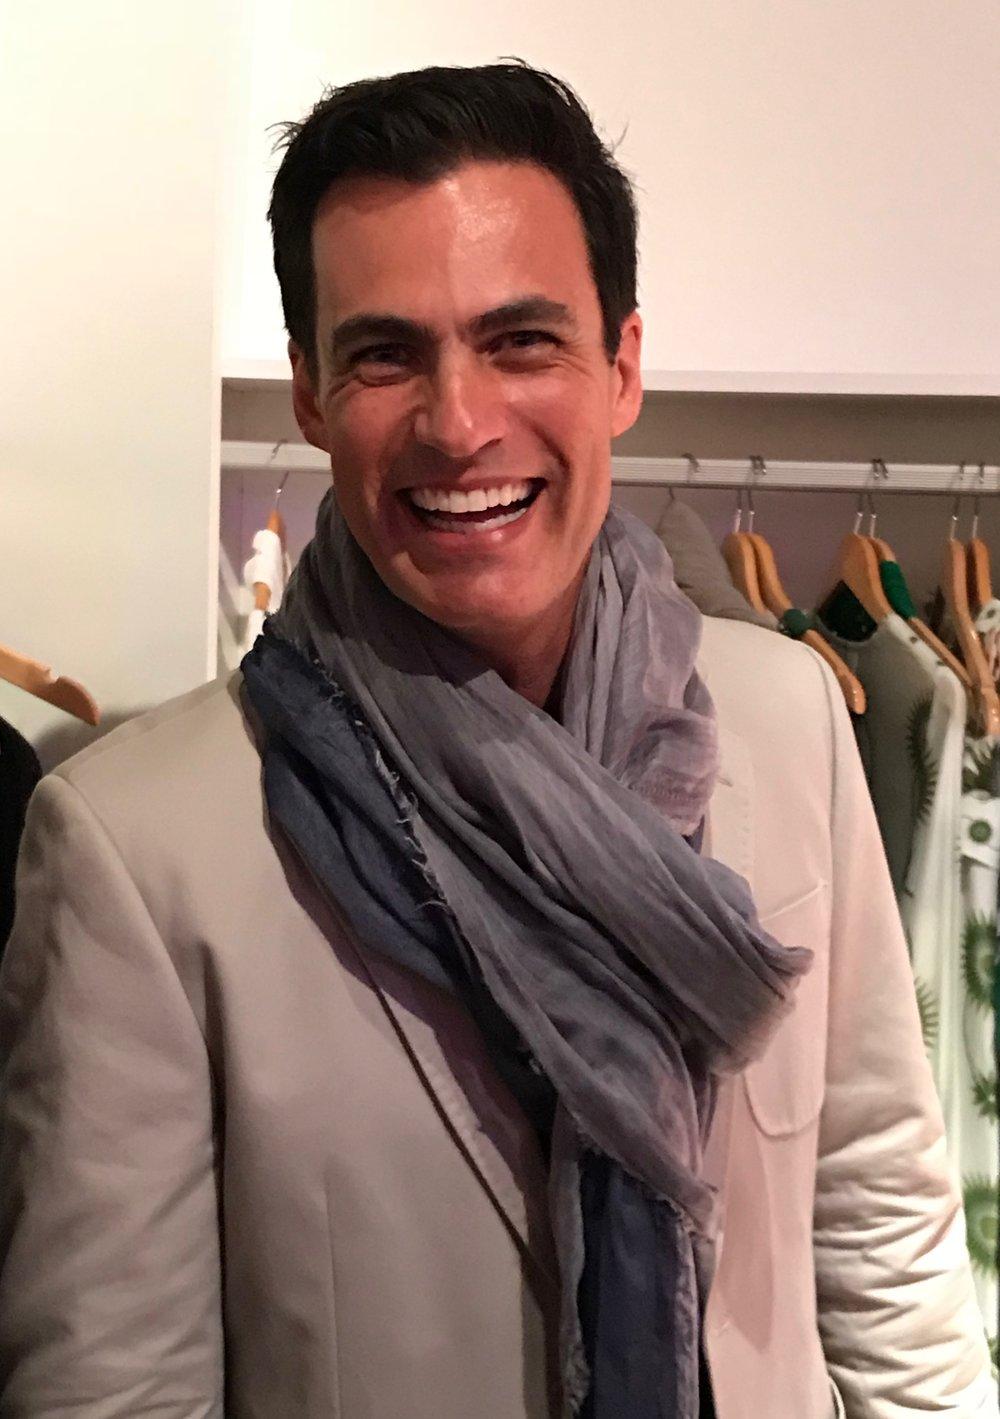 Carlos in Miami